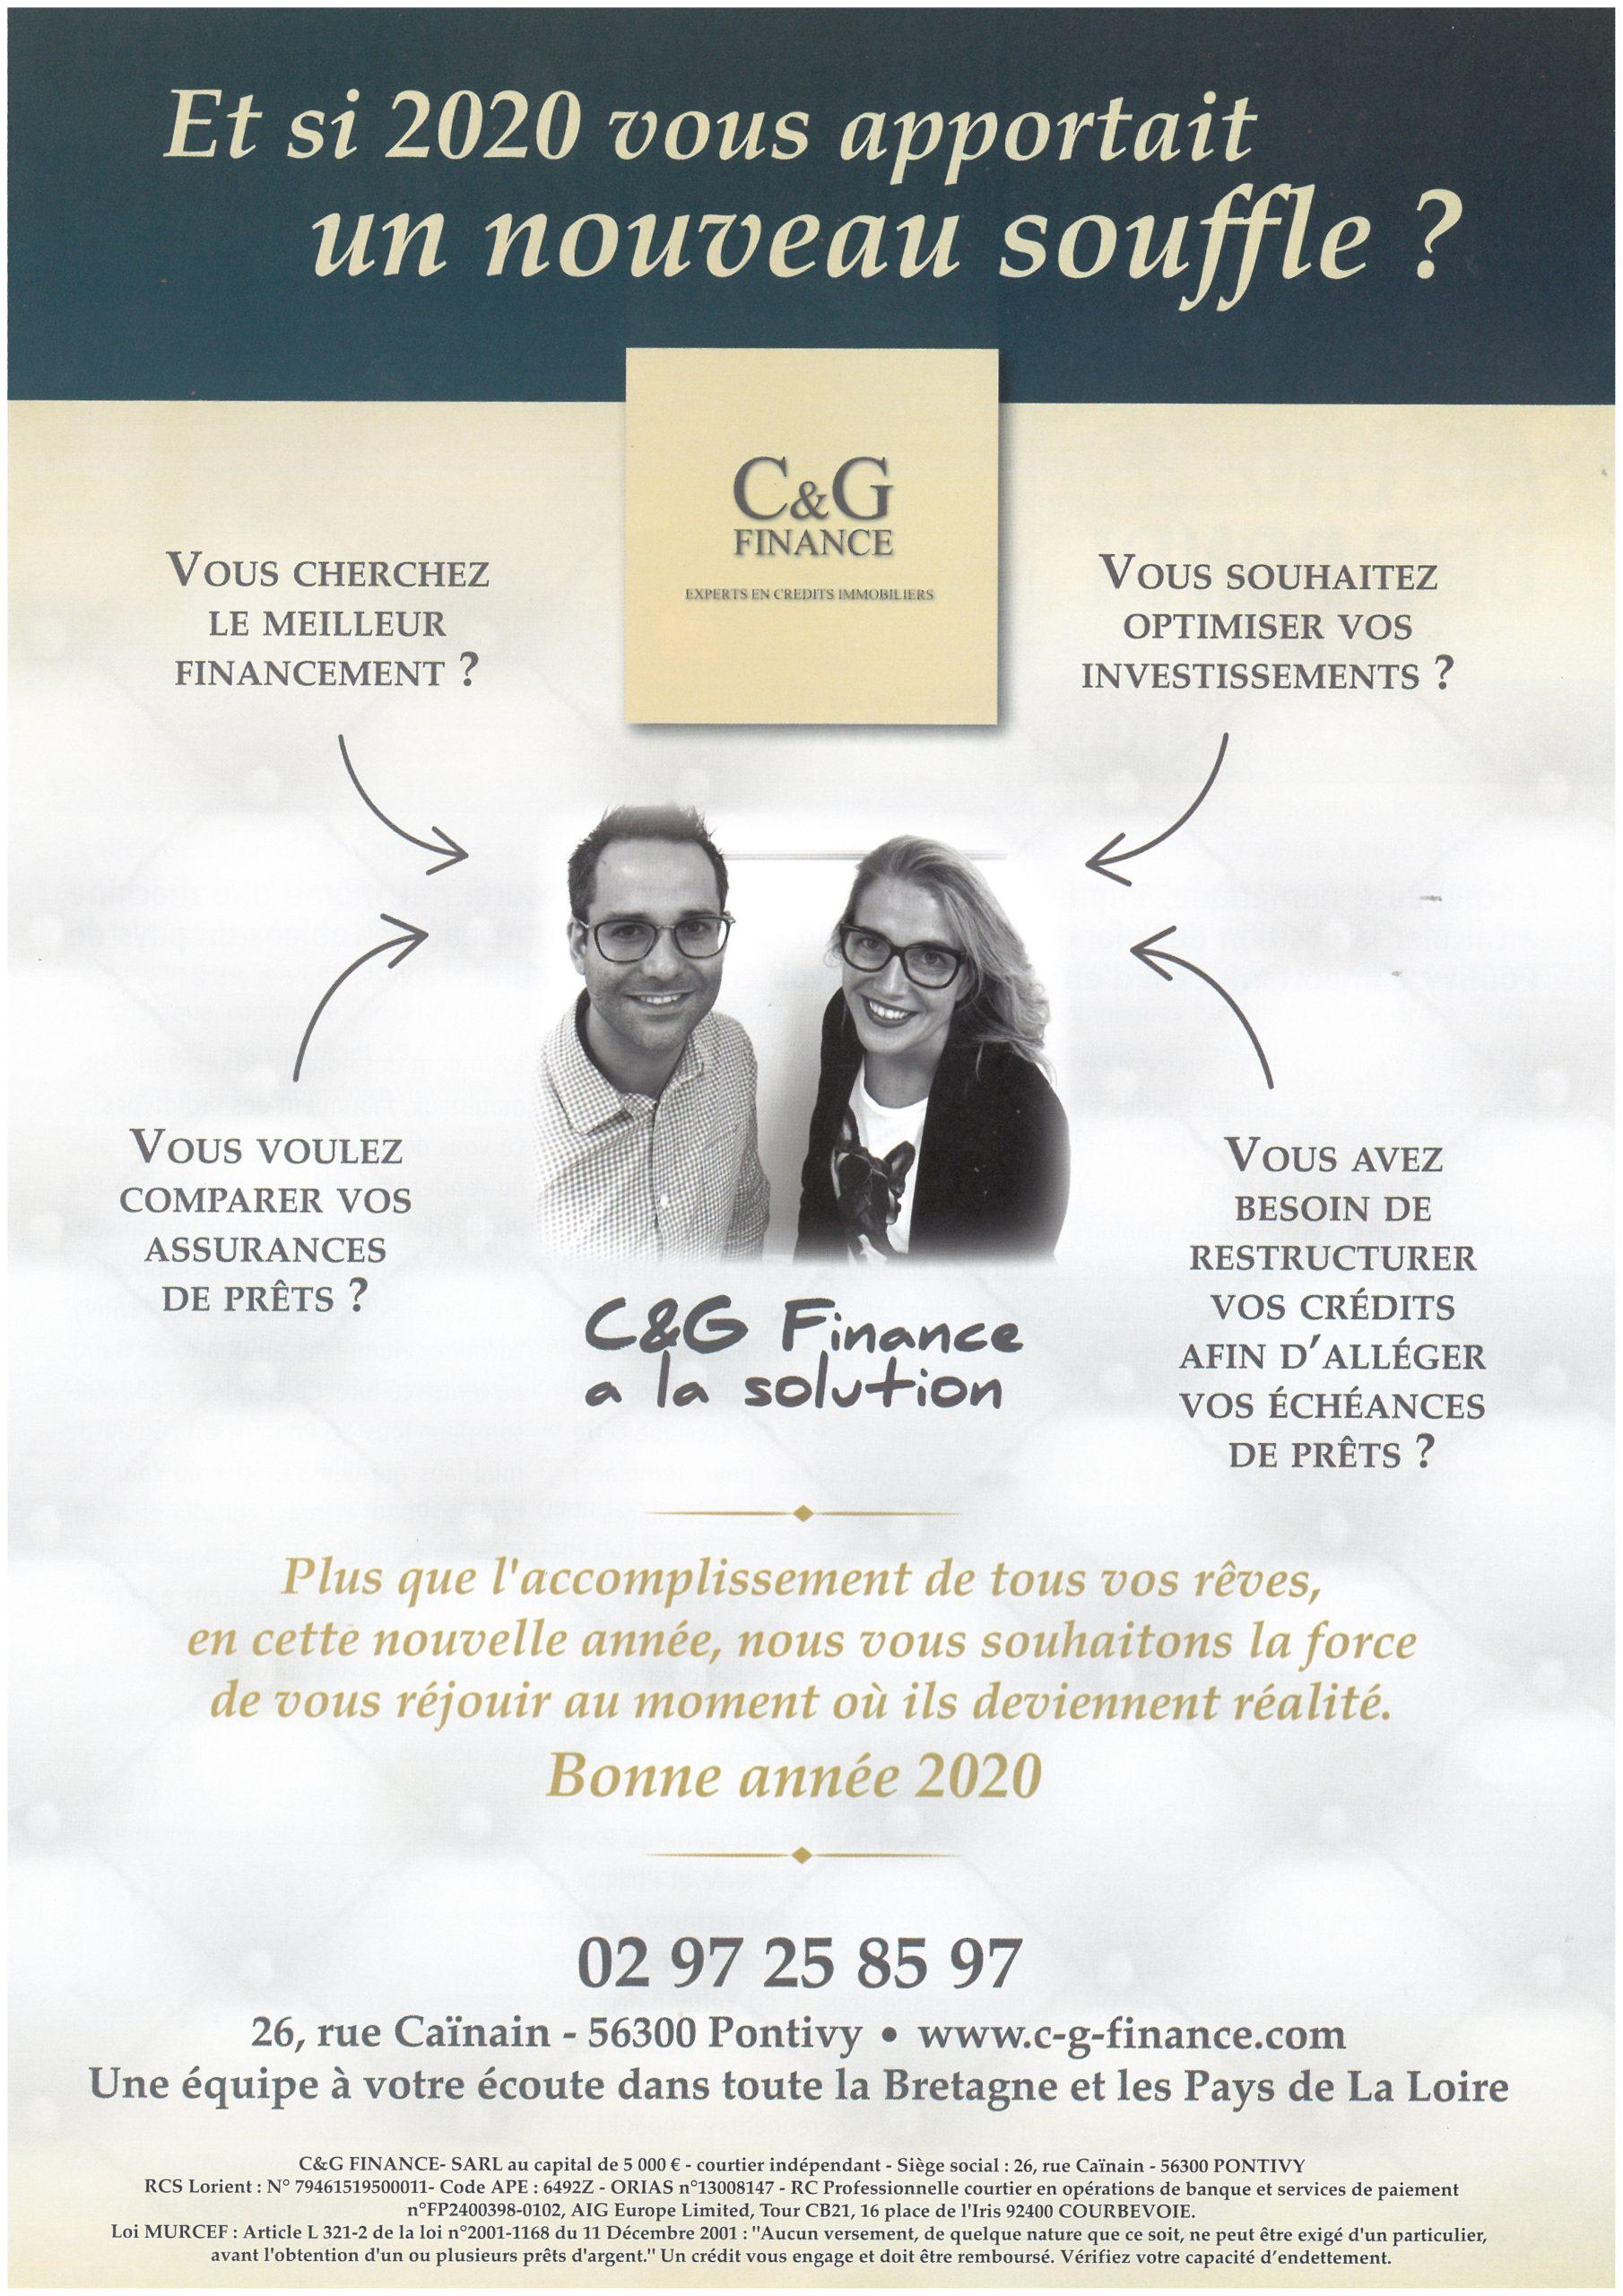 L'équipe C&G Finance vous souhaite ses meilleurs vœux 2020 !!